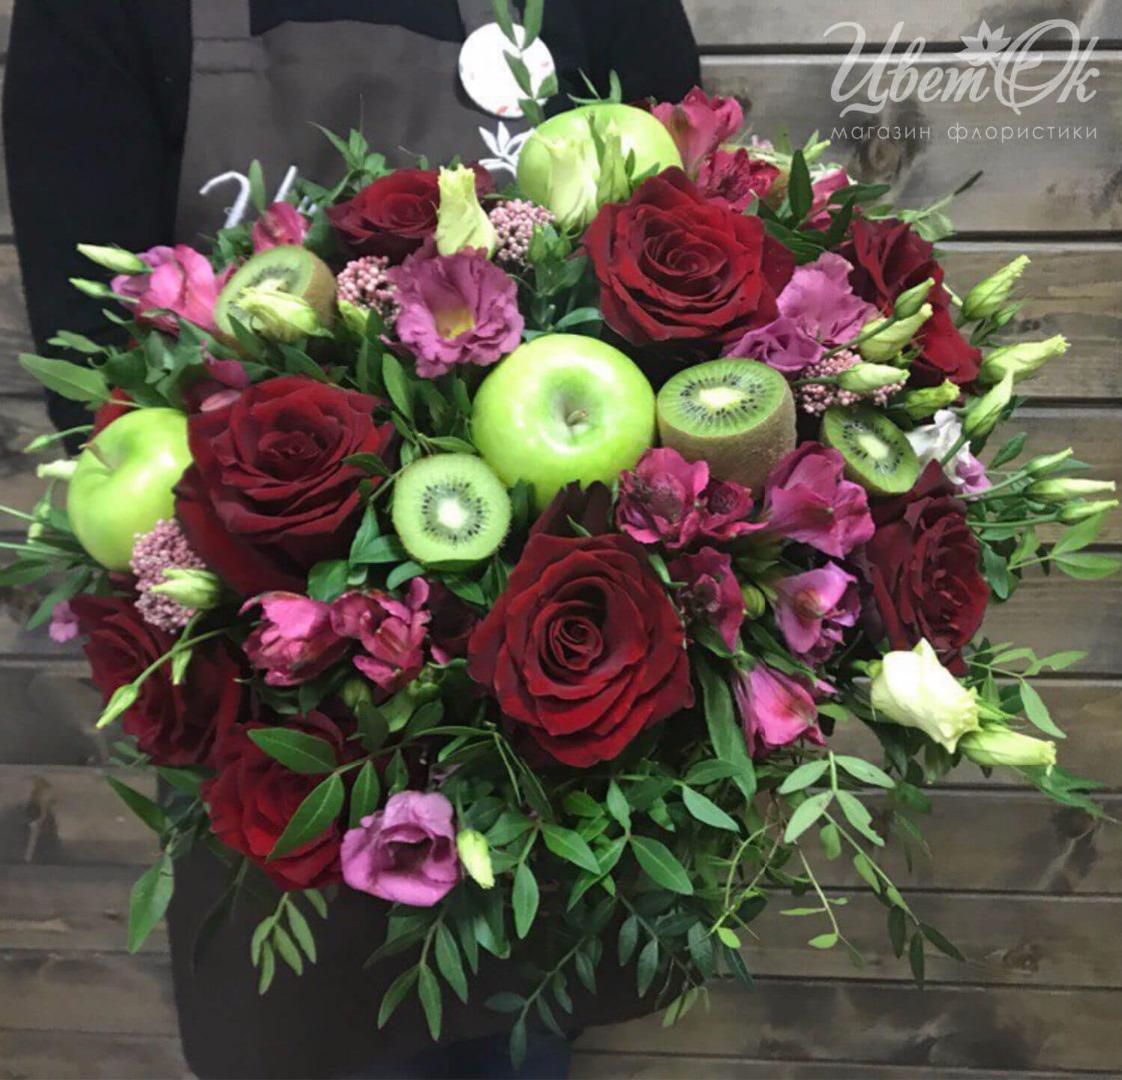 Фото композиций из живых цветов в корзинке